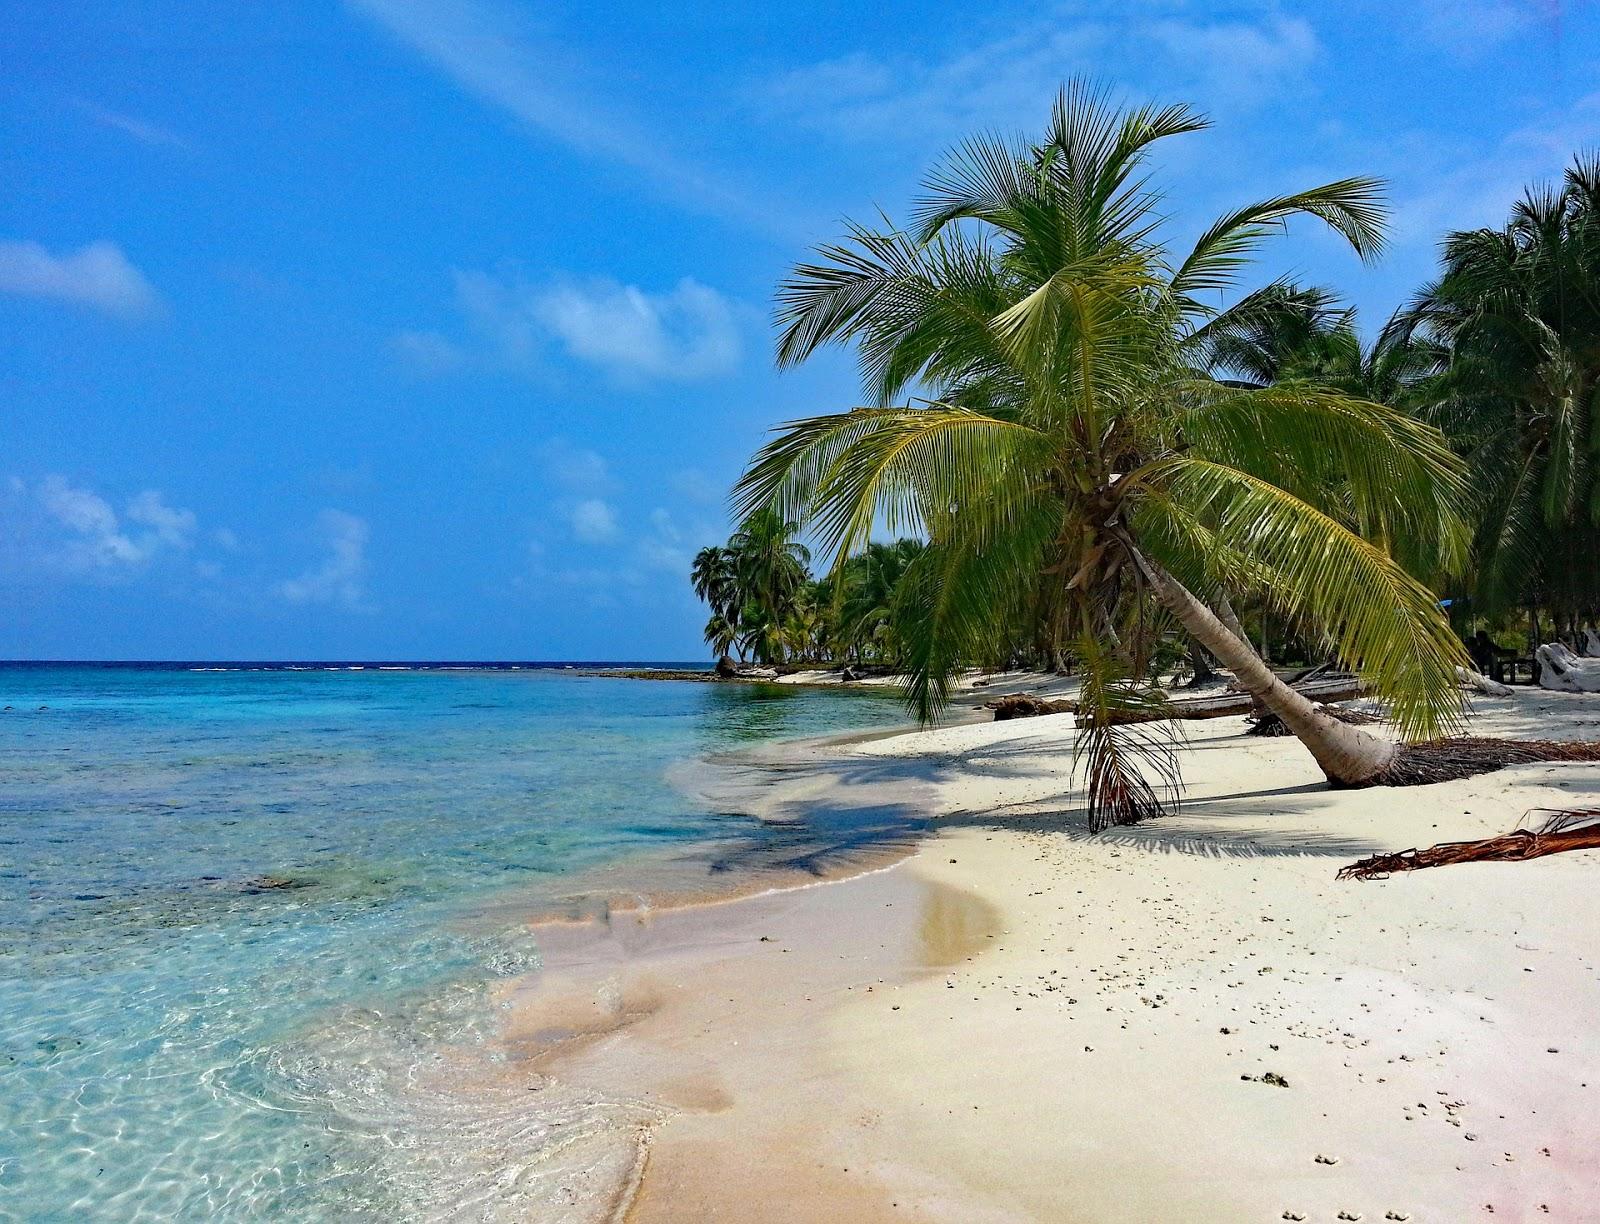 Panamá- 10 Lugares Mais Baratos do Mundo Que Deves Conhecer em 2017 - www.esperteza.com -- #viajar #viagens #mundo #destinos #ferias